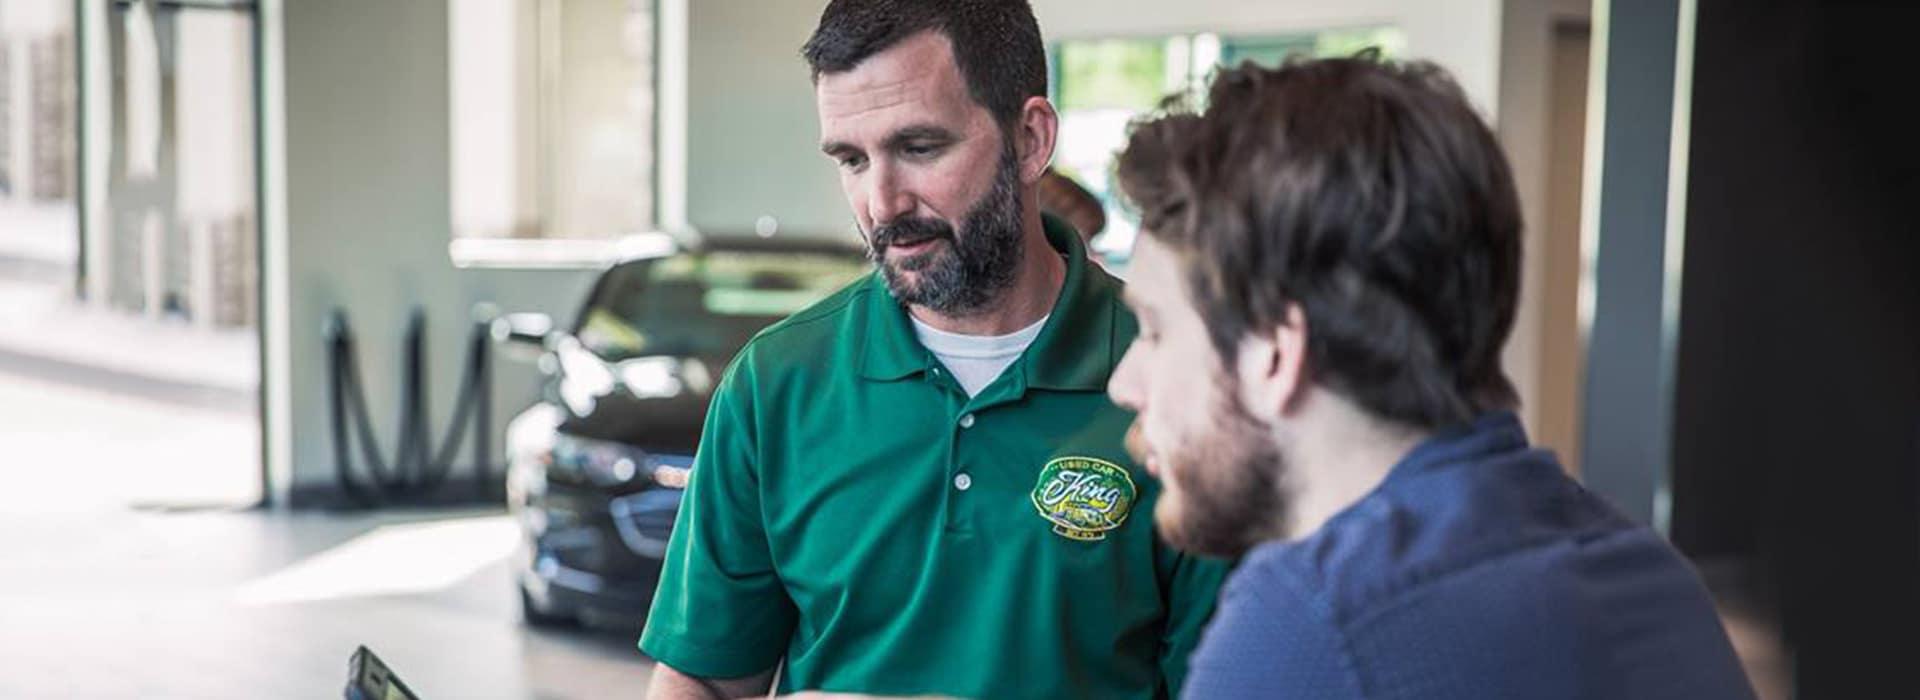 Upfront Car Dealership